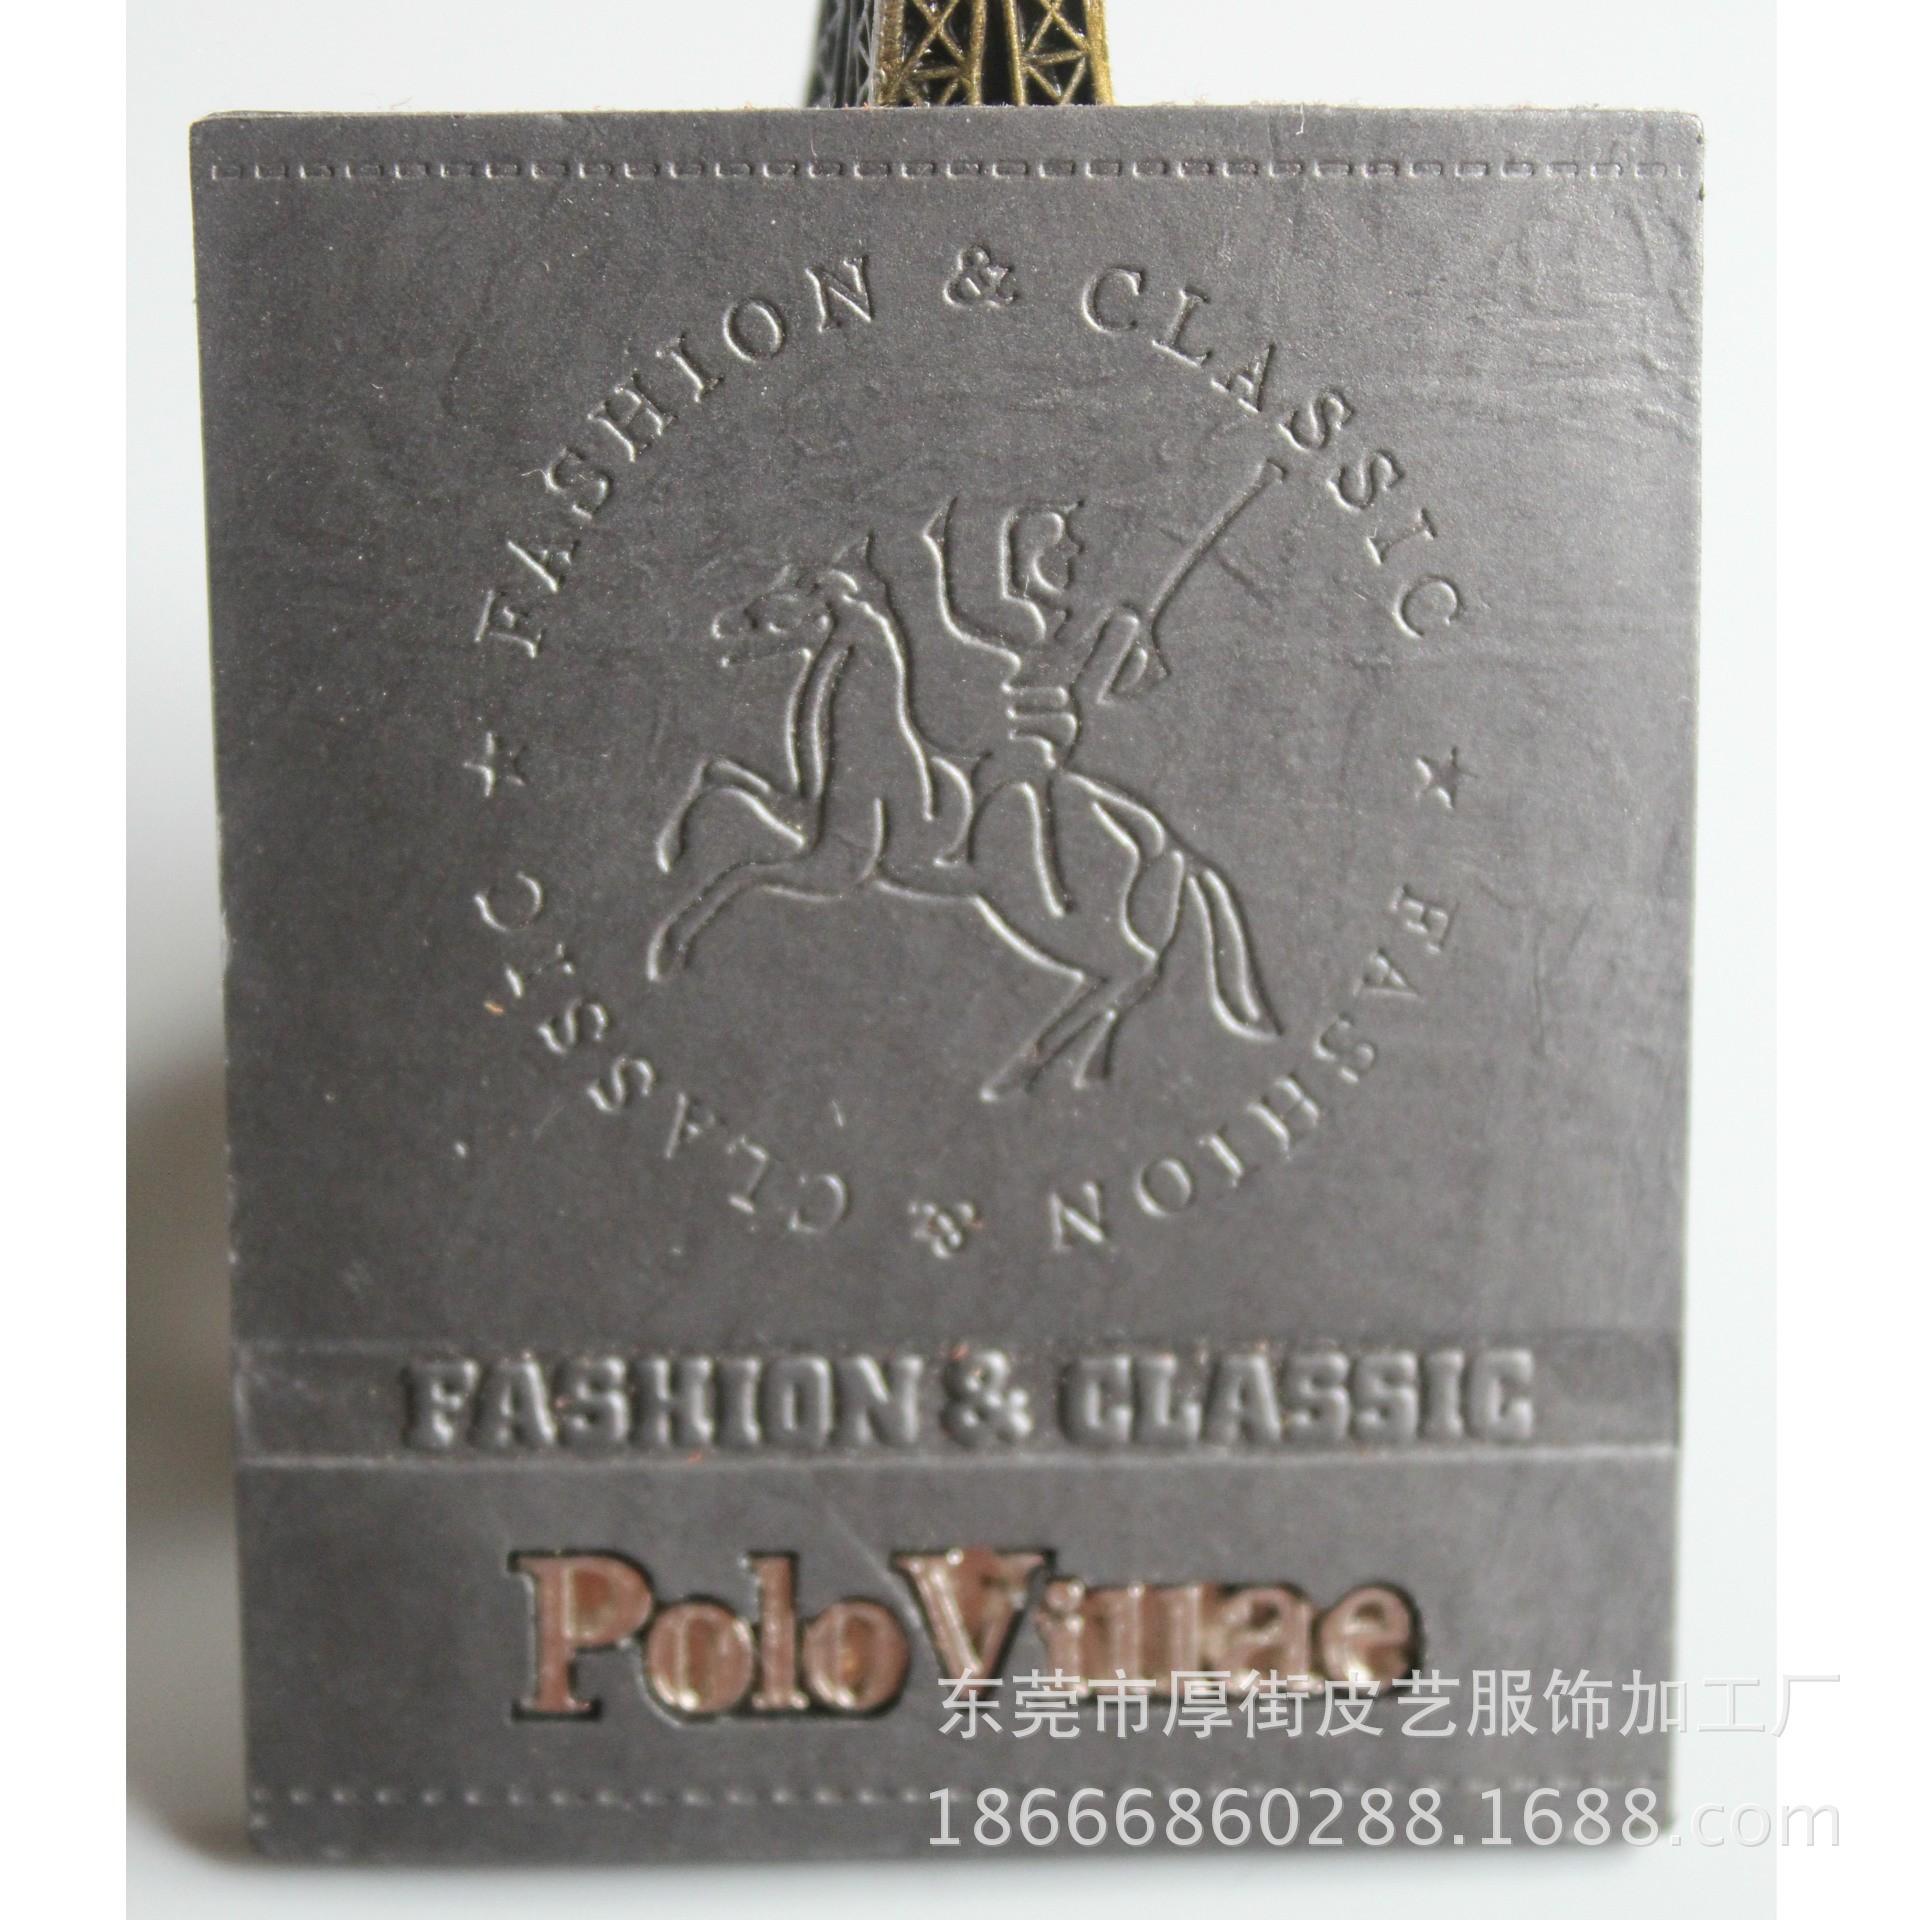 服装牛仔皮标皮牌真皮商标五金皮牌加工定制厂家 巧克力色